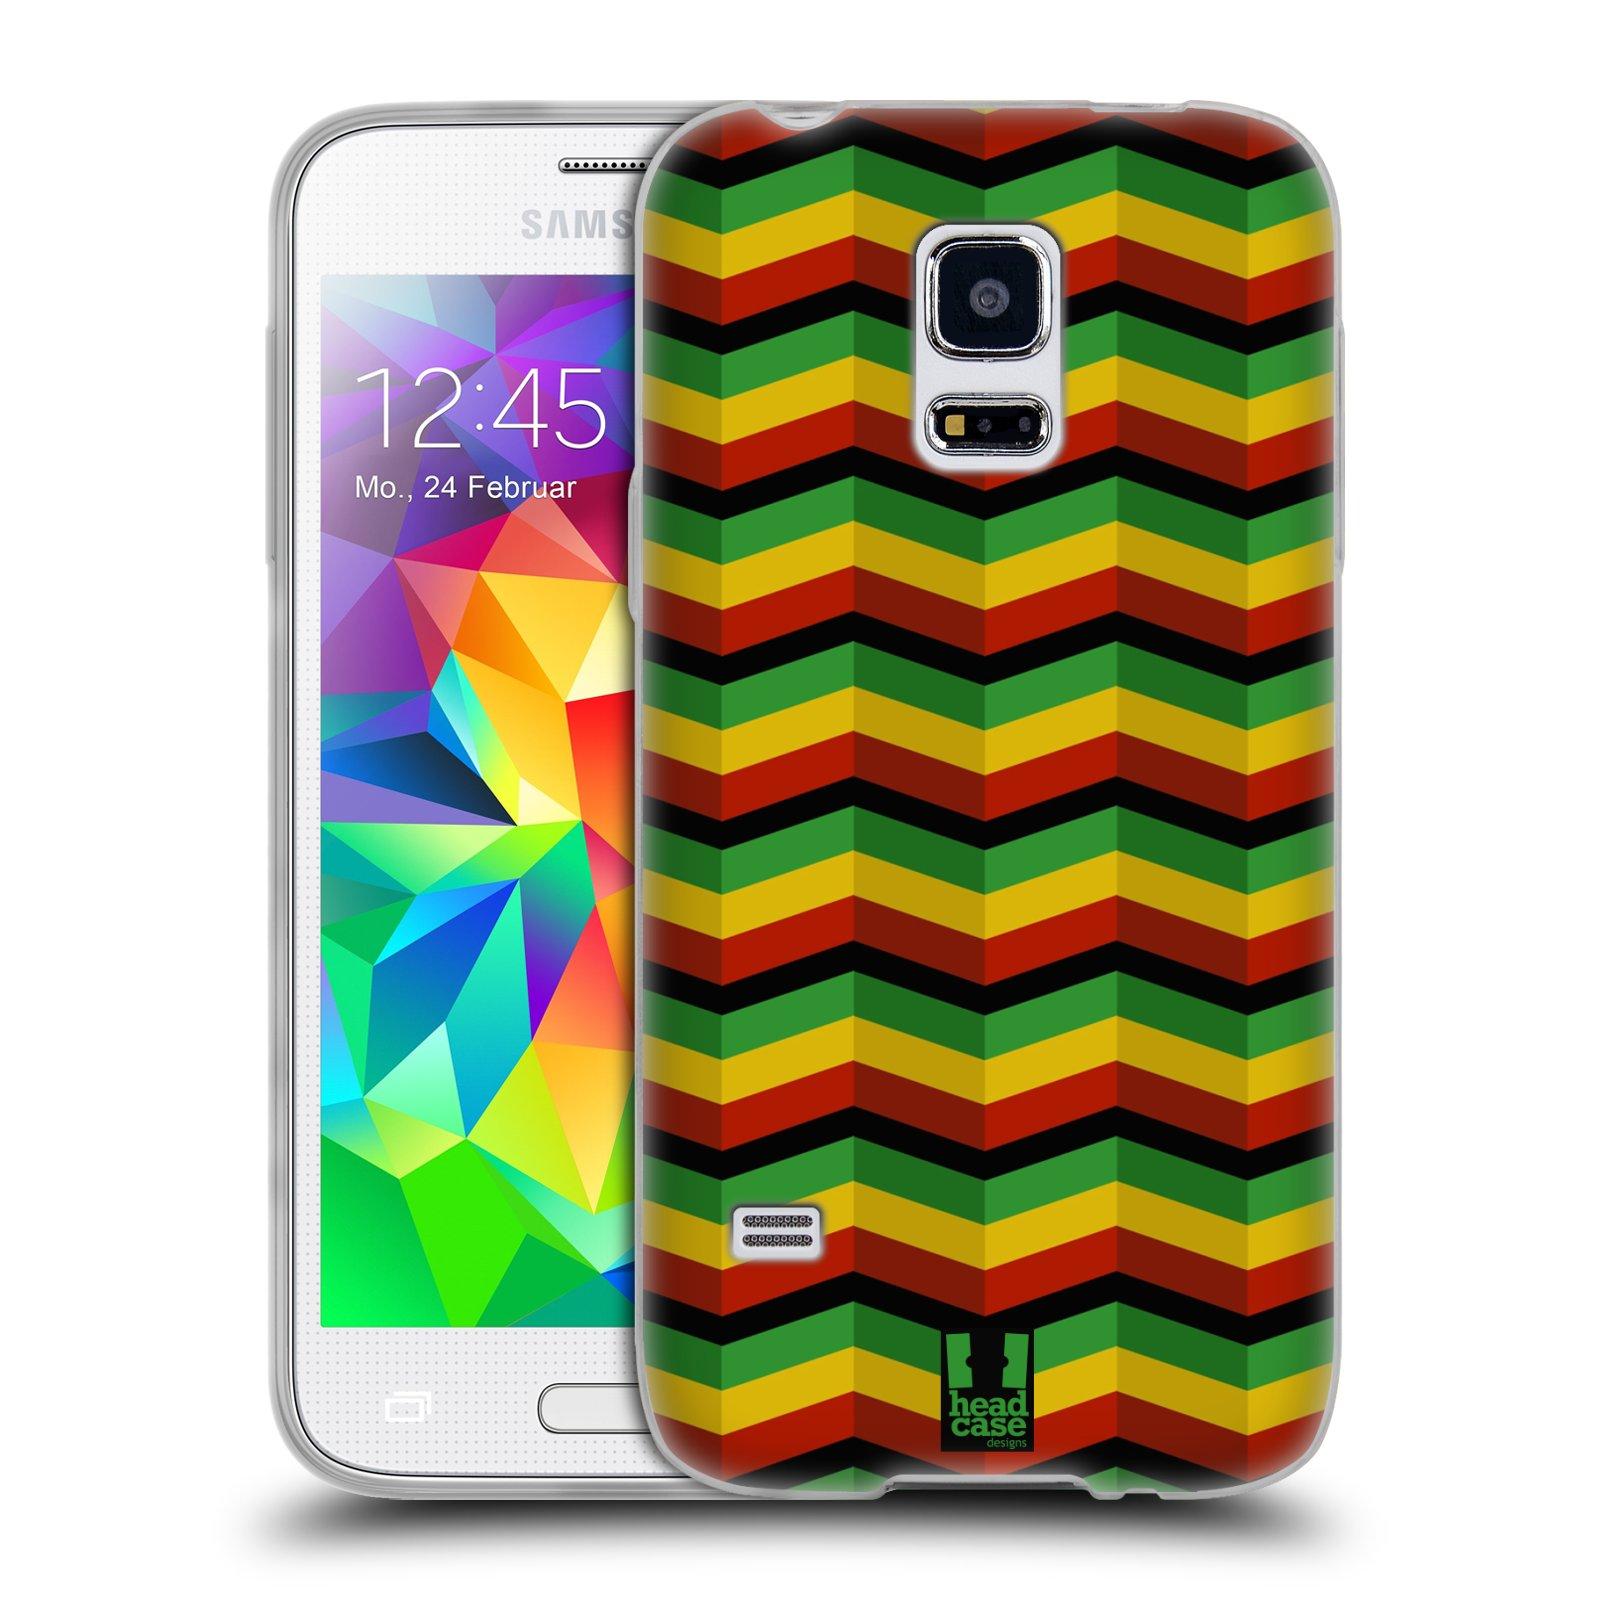 Silikonové pouzdro na mobil Samsung Galaxy S5 Mini HEAD CASE RASTA CHEVRON (Silikonový kryt či obal na mobilní telefon Samsung Galaxy S5 Mini SM-G800F)